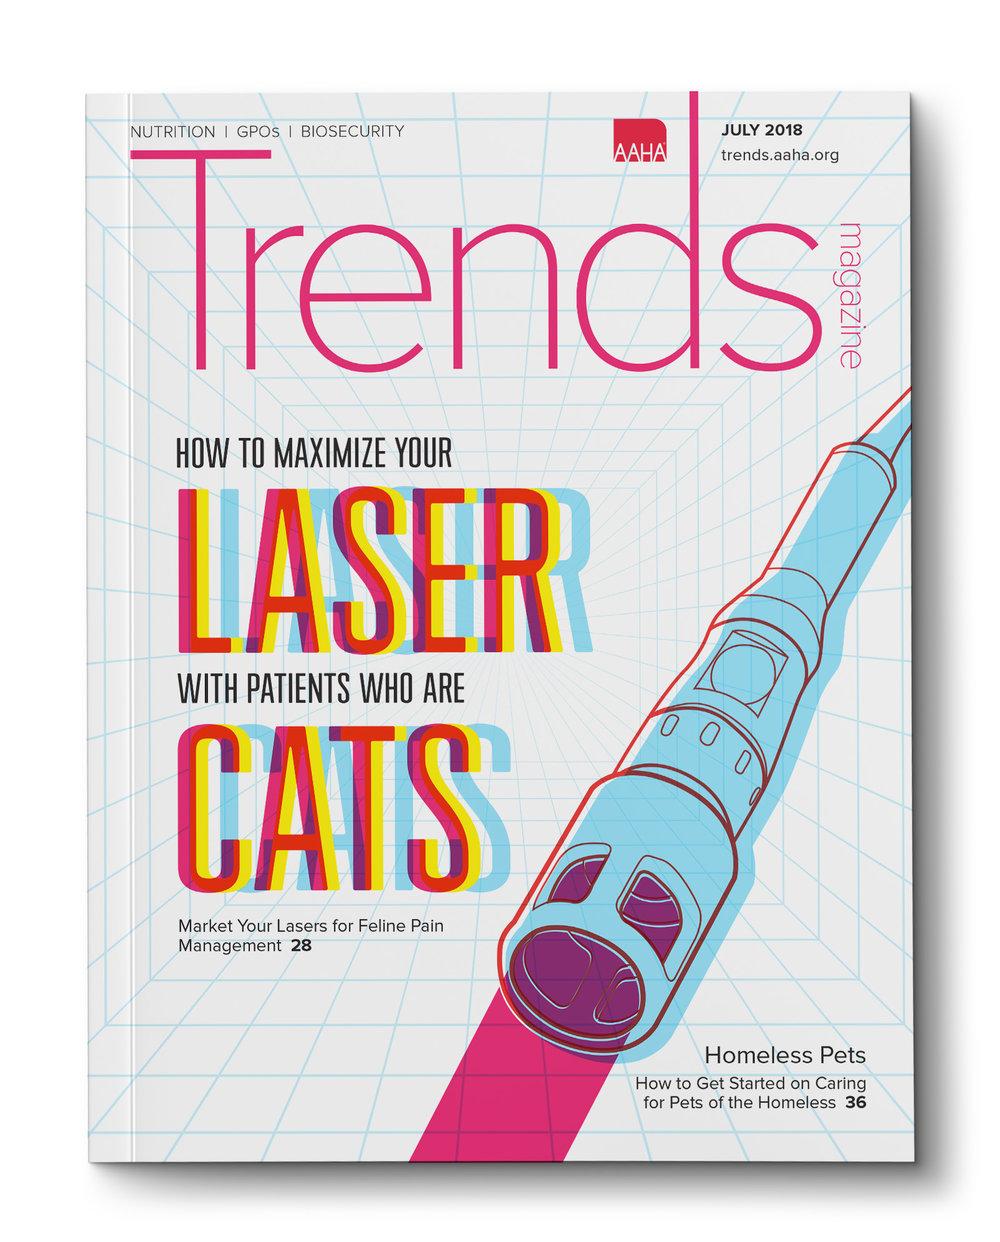 Trends_Jul18.jpg